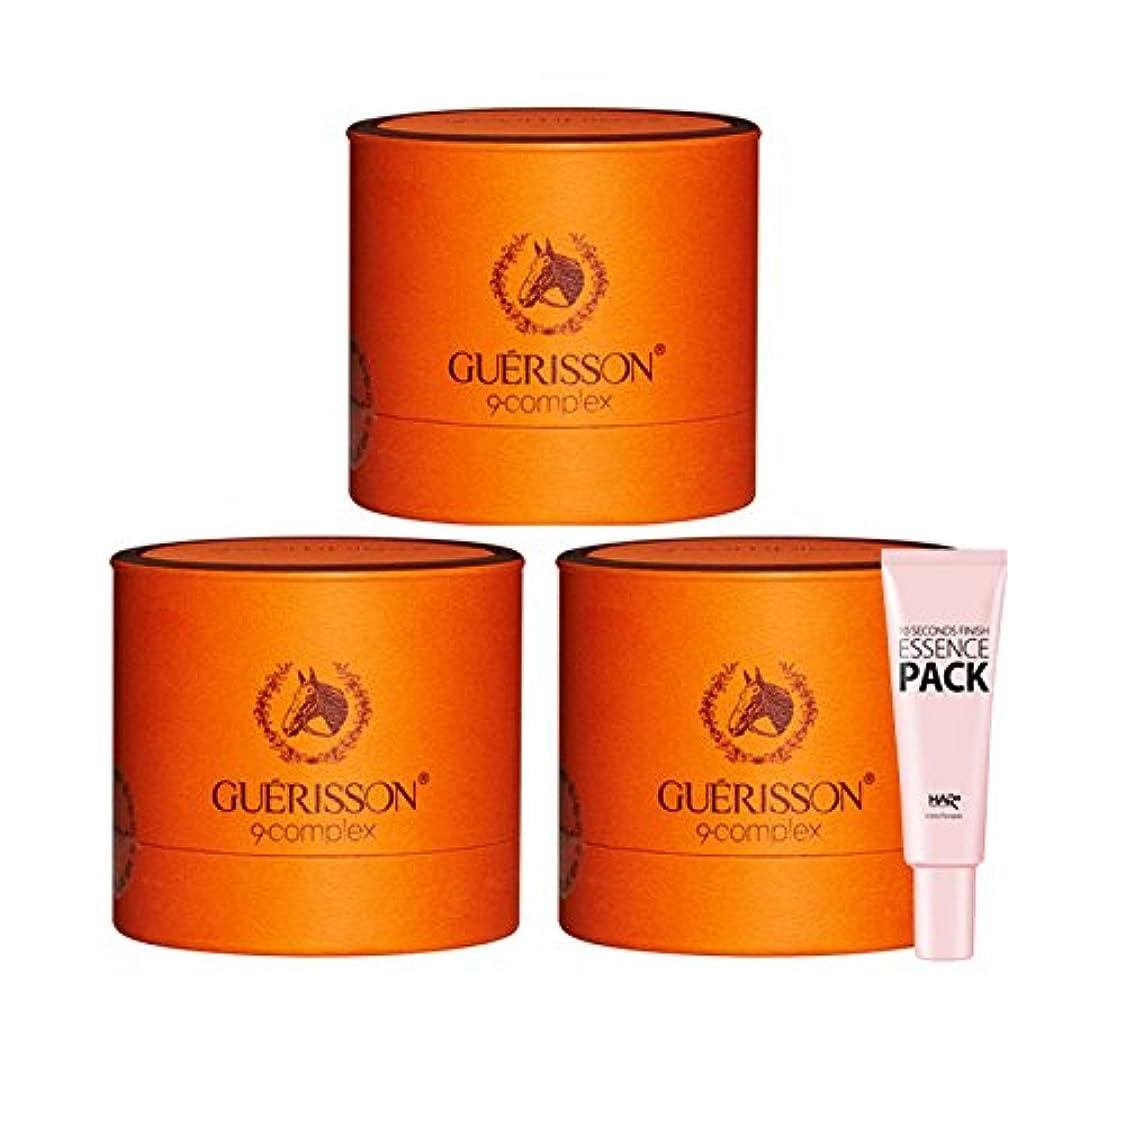 真空うまくやる()序文GUERISSON ゲリソン 9?complex 馬油クリーム 70g x 3個 (9 Complex Moisturizing Scar Cream Horse Oil Wrinkle Care) +ヘアプラスエッセンスパック...